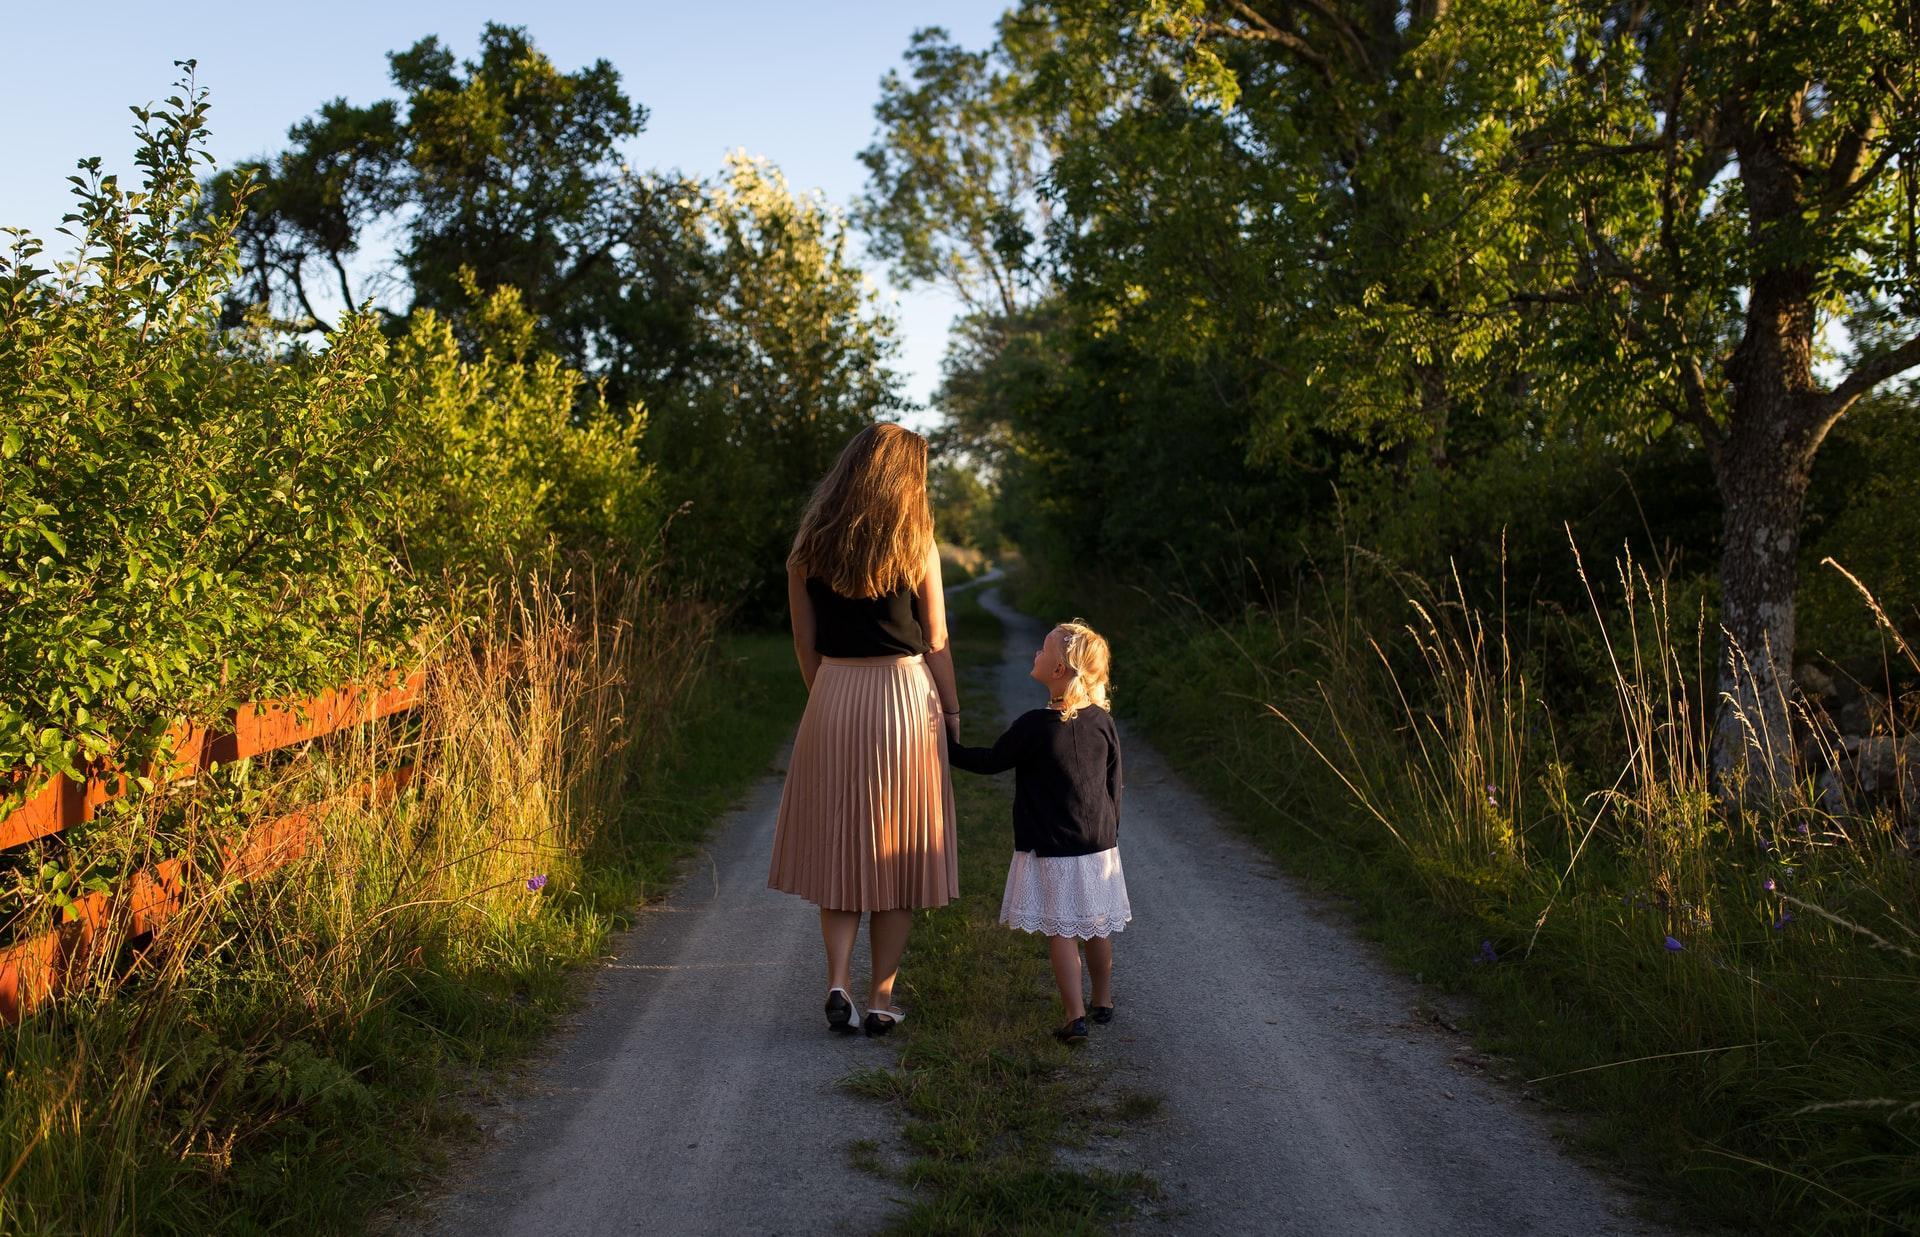 Пособия на детей будут распределять по-новому: что изменится - новости Афанасий